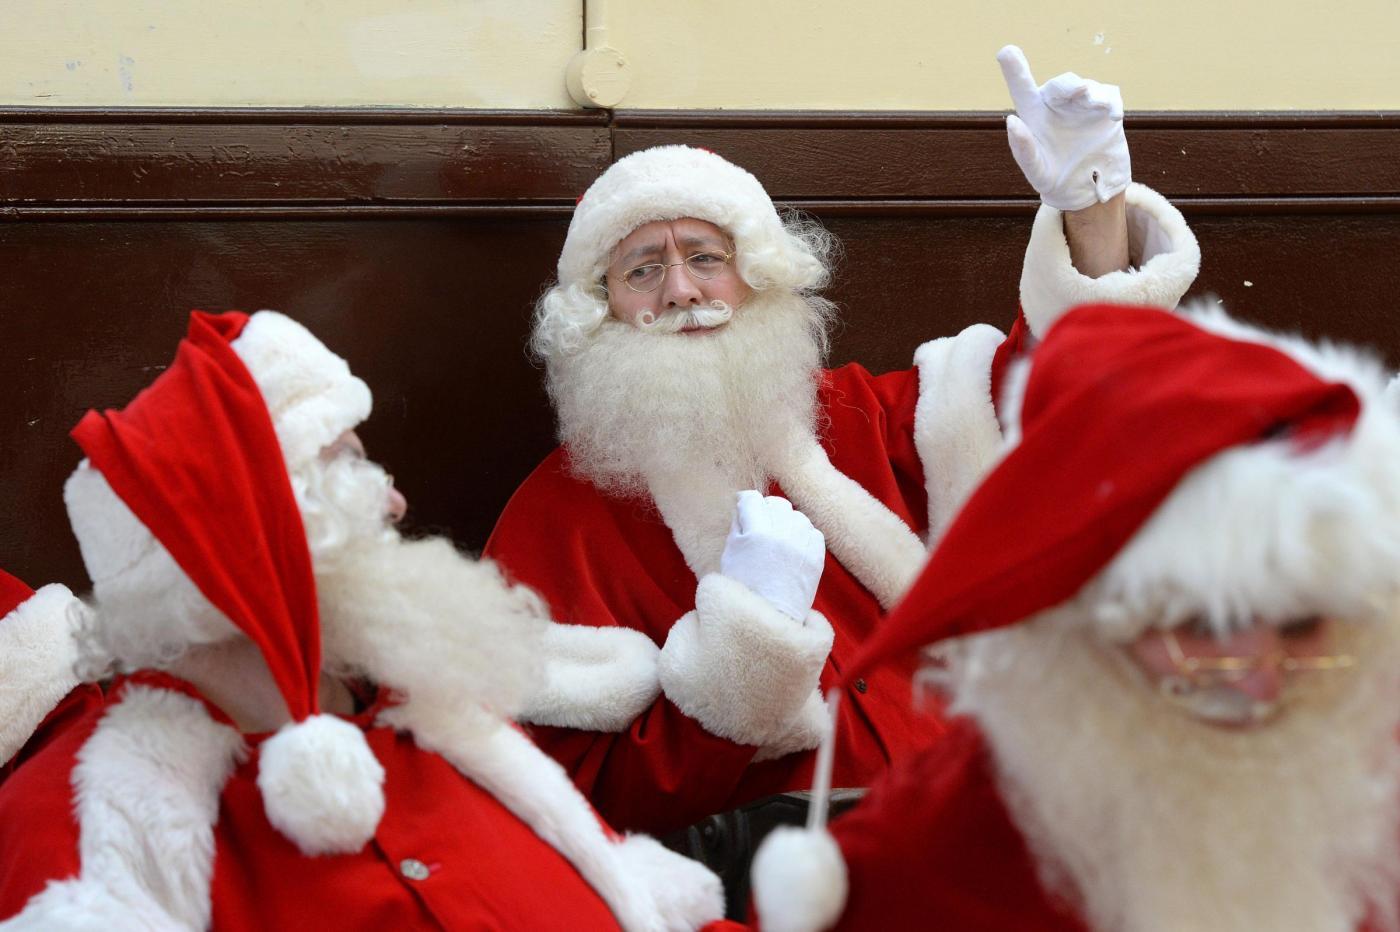 Truffe di Natale: come difendersi dai raggiri sotto le feste